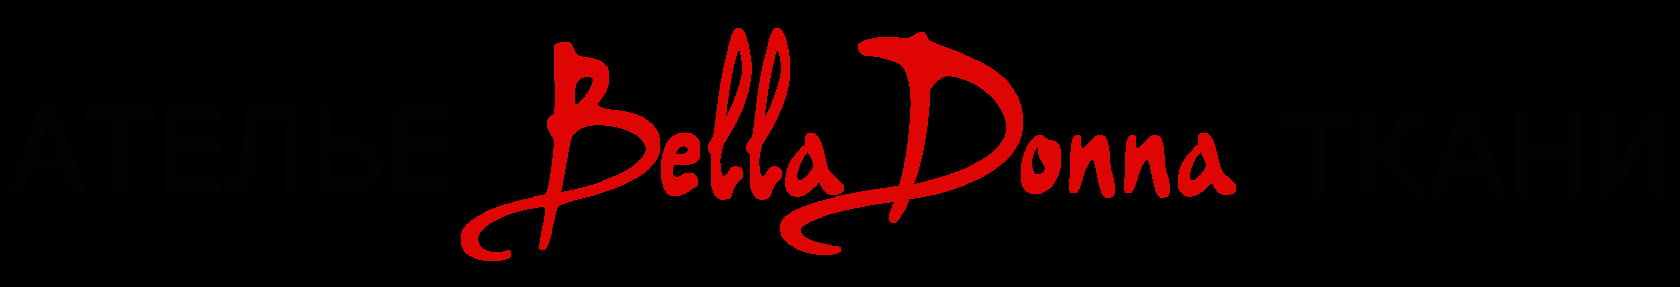 Ателье Belladonna